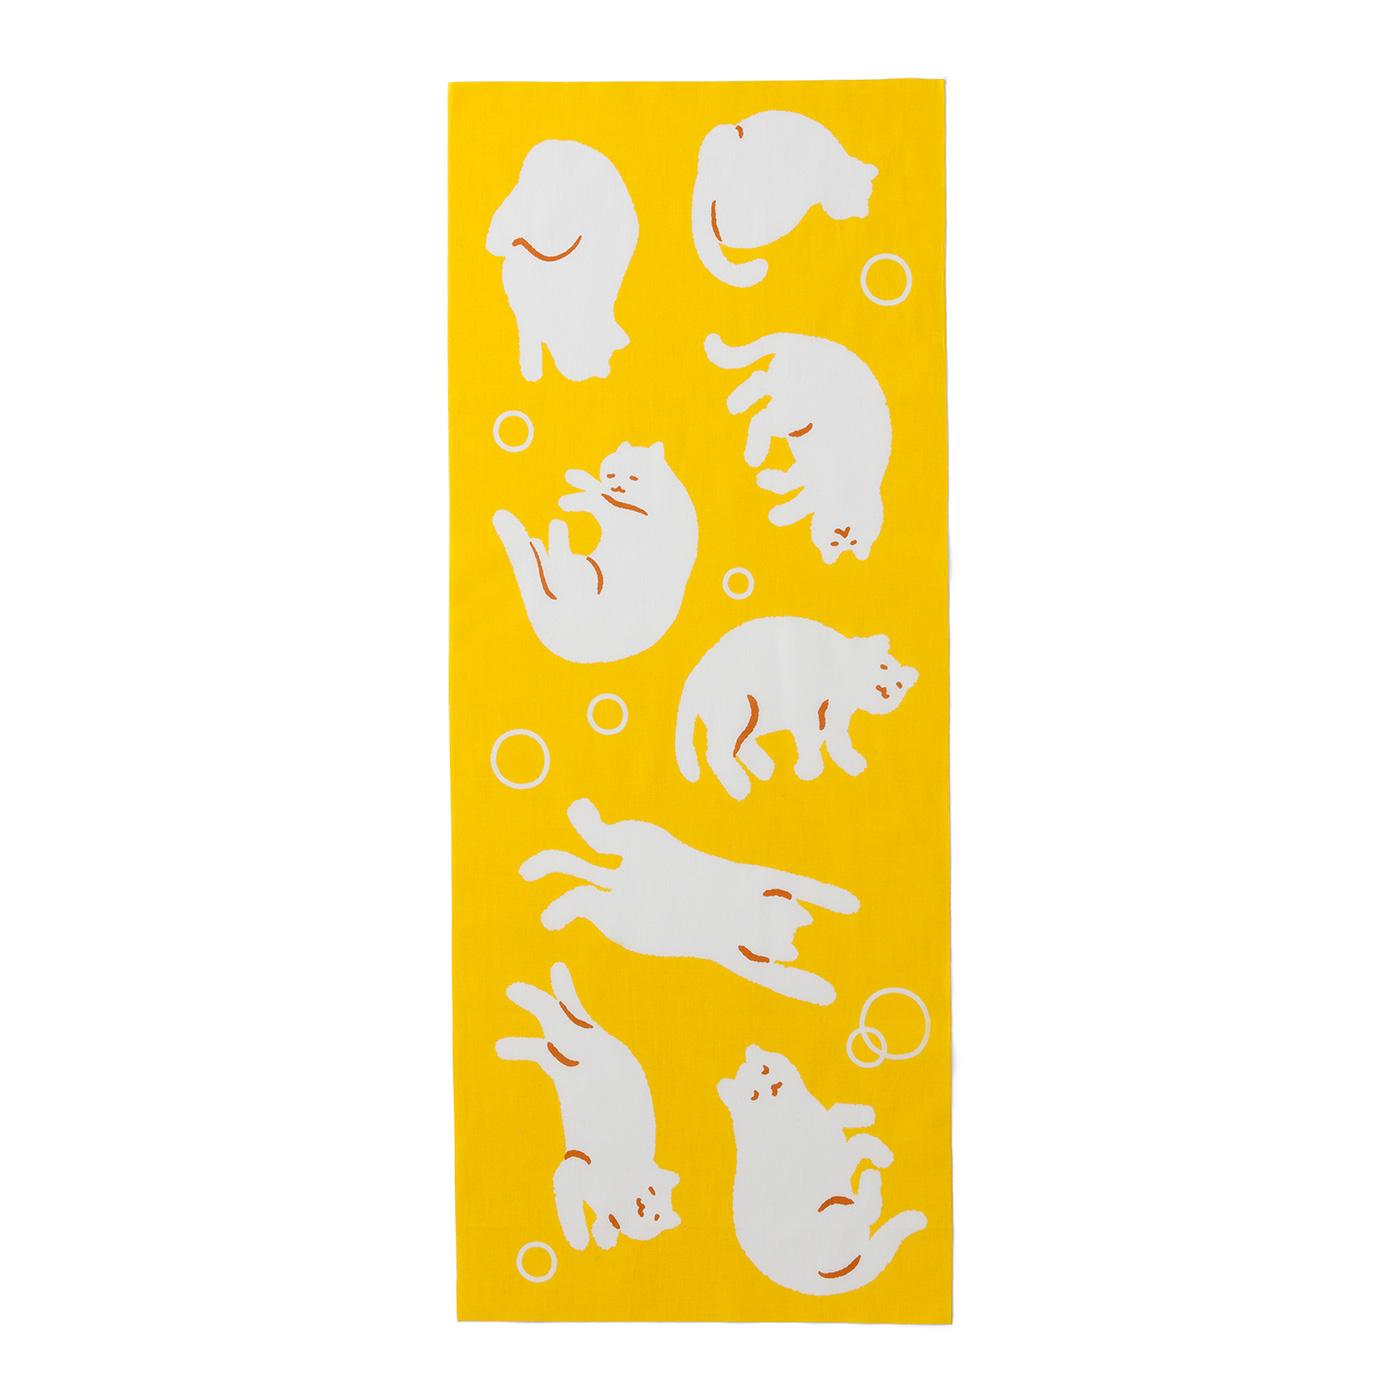 【6】「ひだまり」 by 小坂タイチさん 伝わるイラストを心がけています。ひだまりの中の「ぽかぽか、ねむねむ、いいきもち」が届きますように。